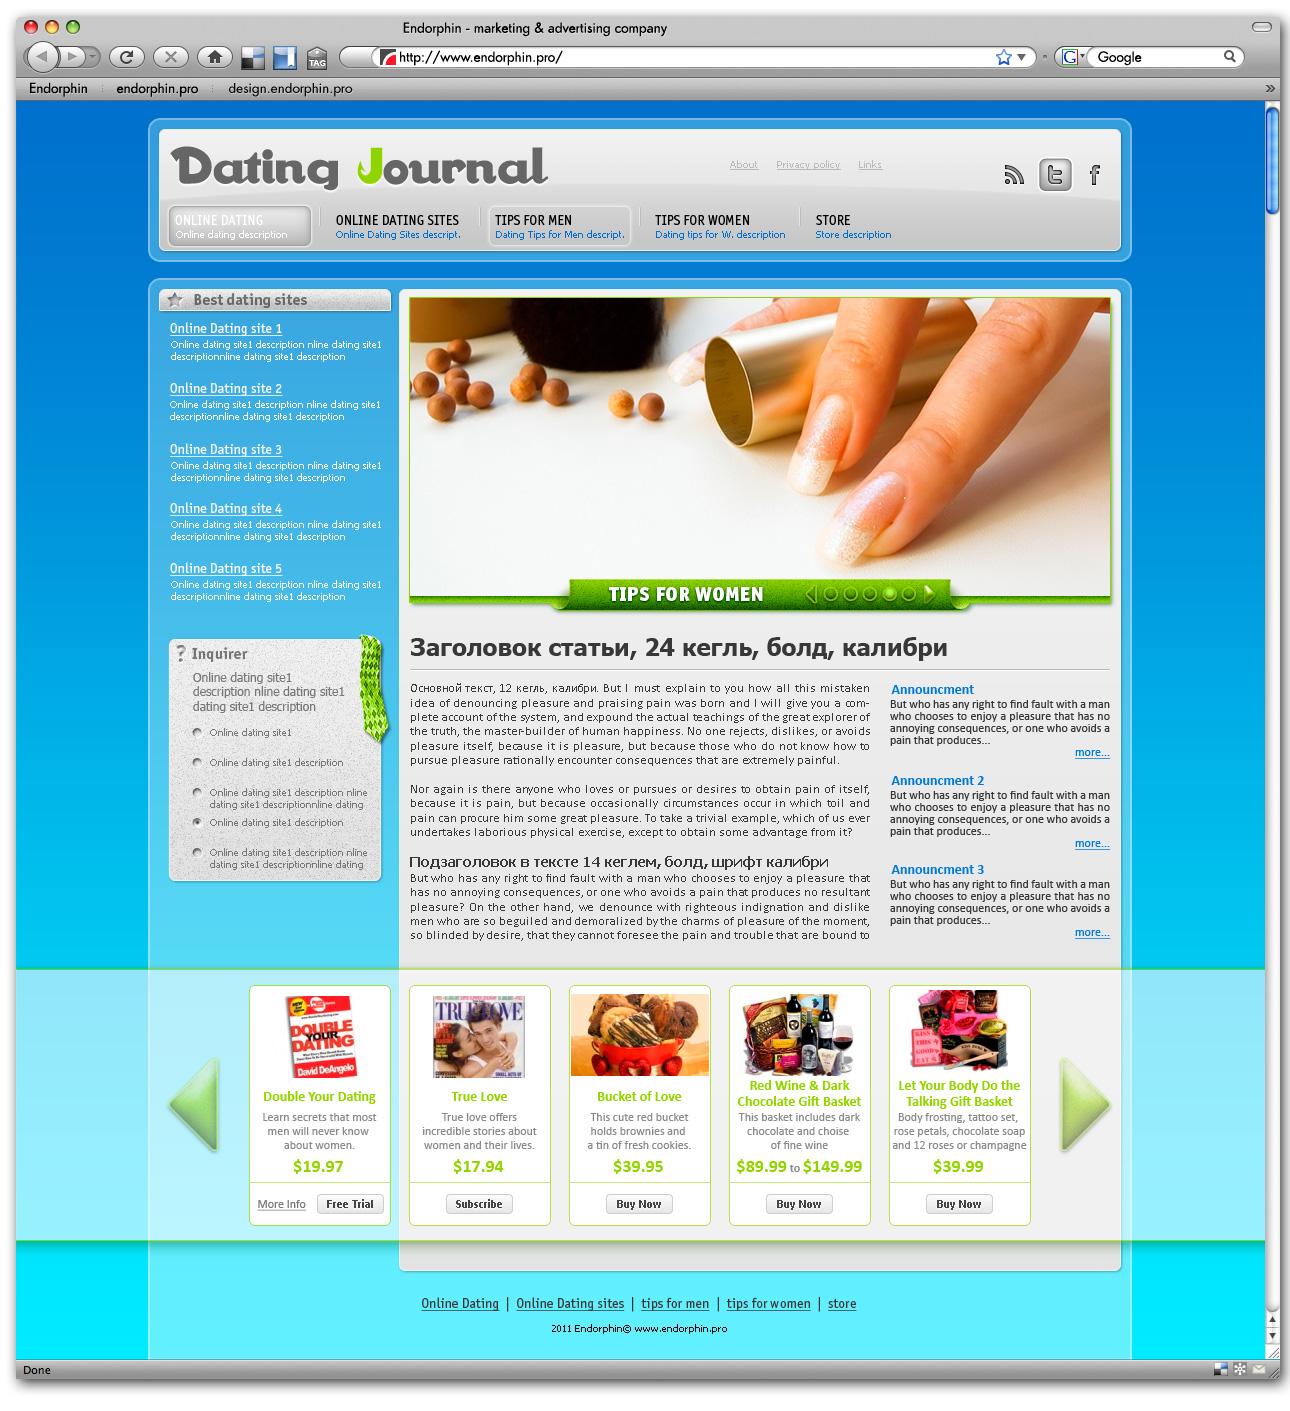 DatingJournal